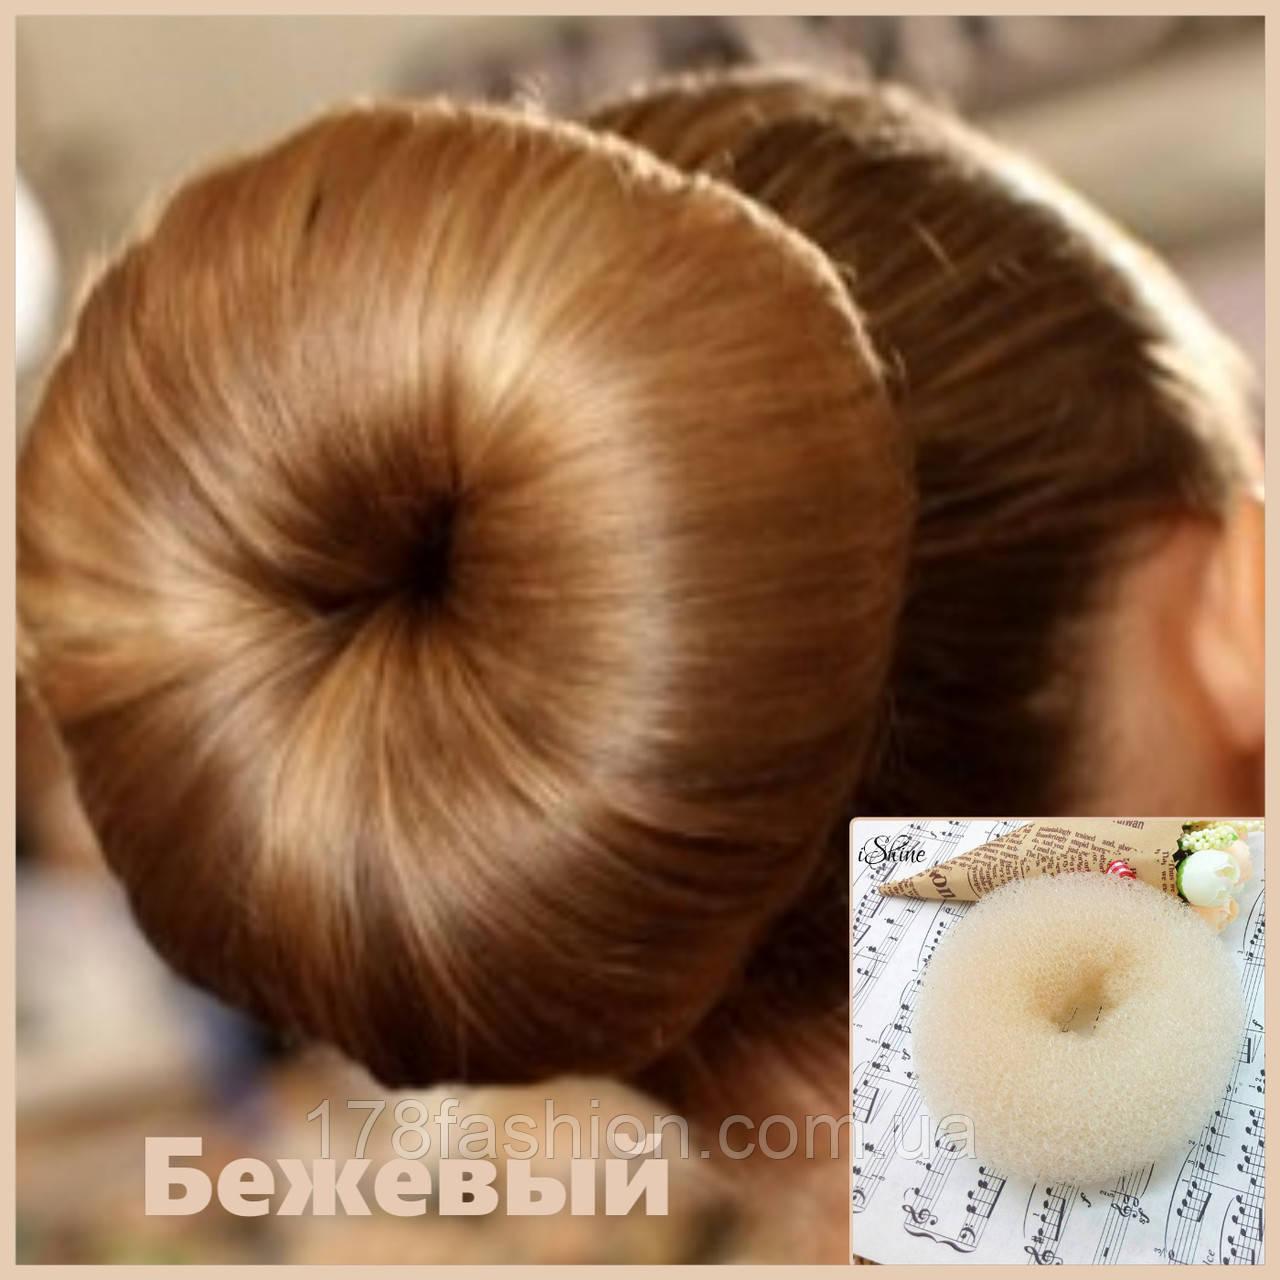 Профессиональная заколка для волос-Валик Бублик бежевый, диаметр 10 см.